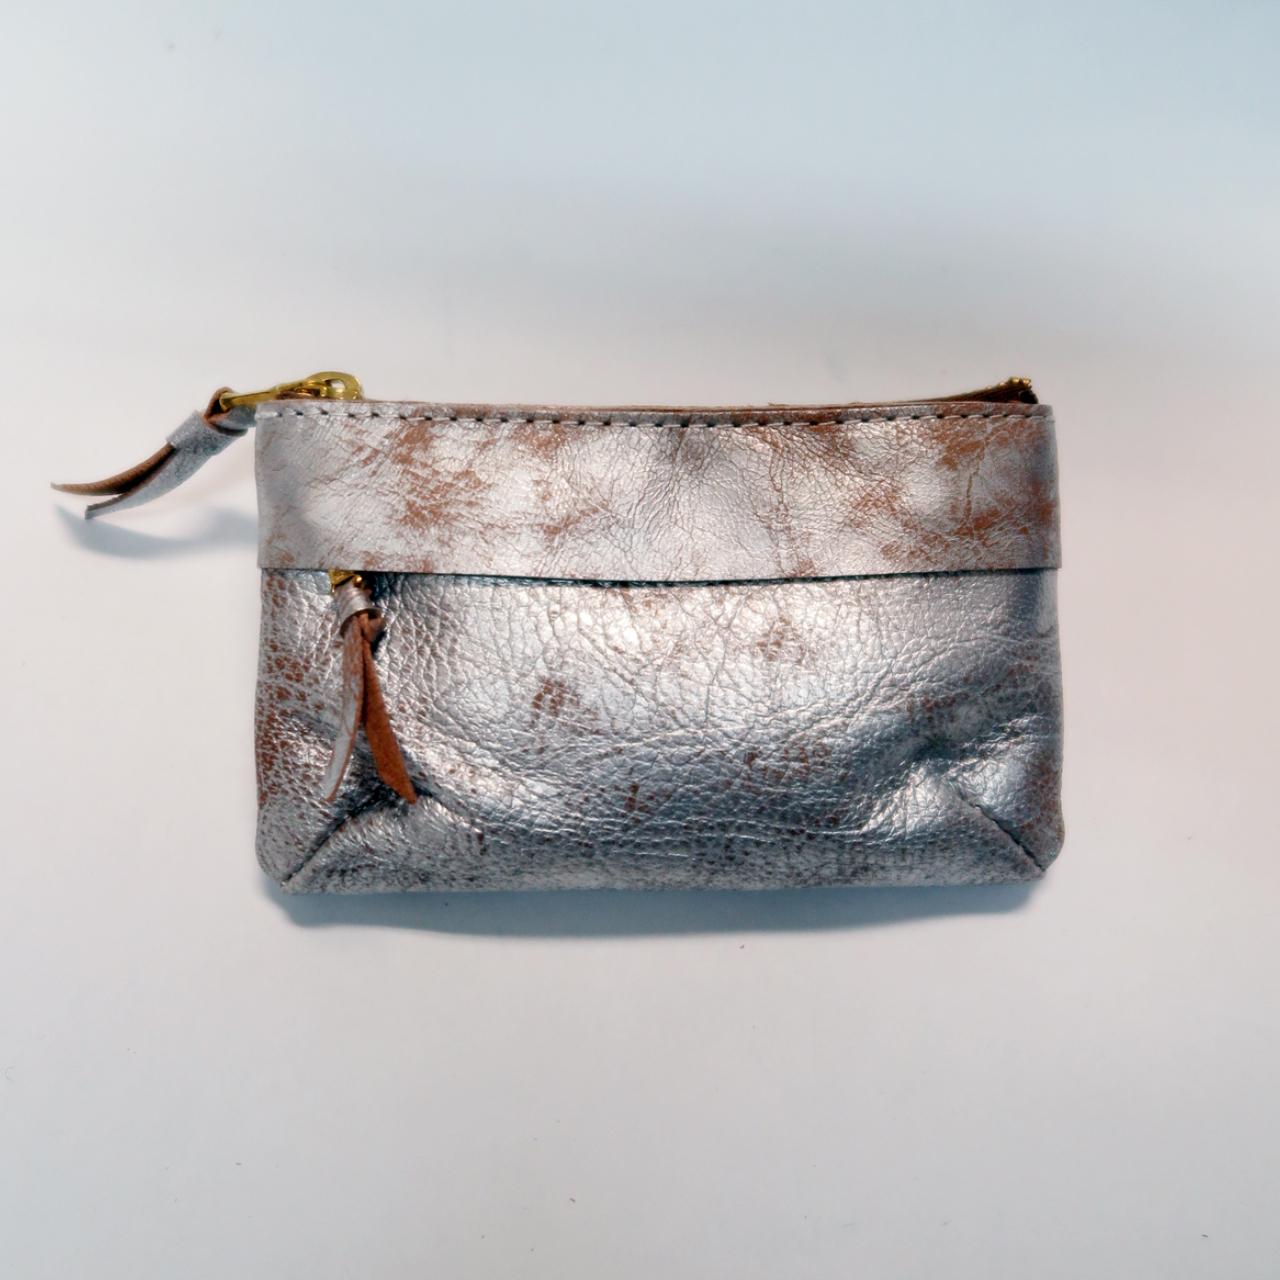 【saranam】zip coin purse wallet / 【サラナン】ジップ小銭入れ